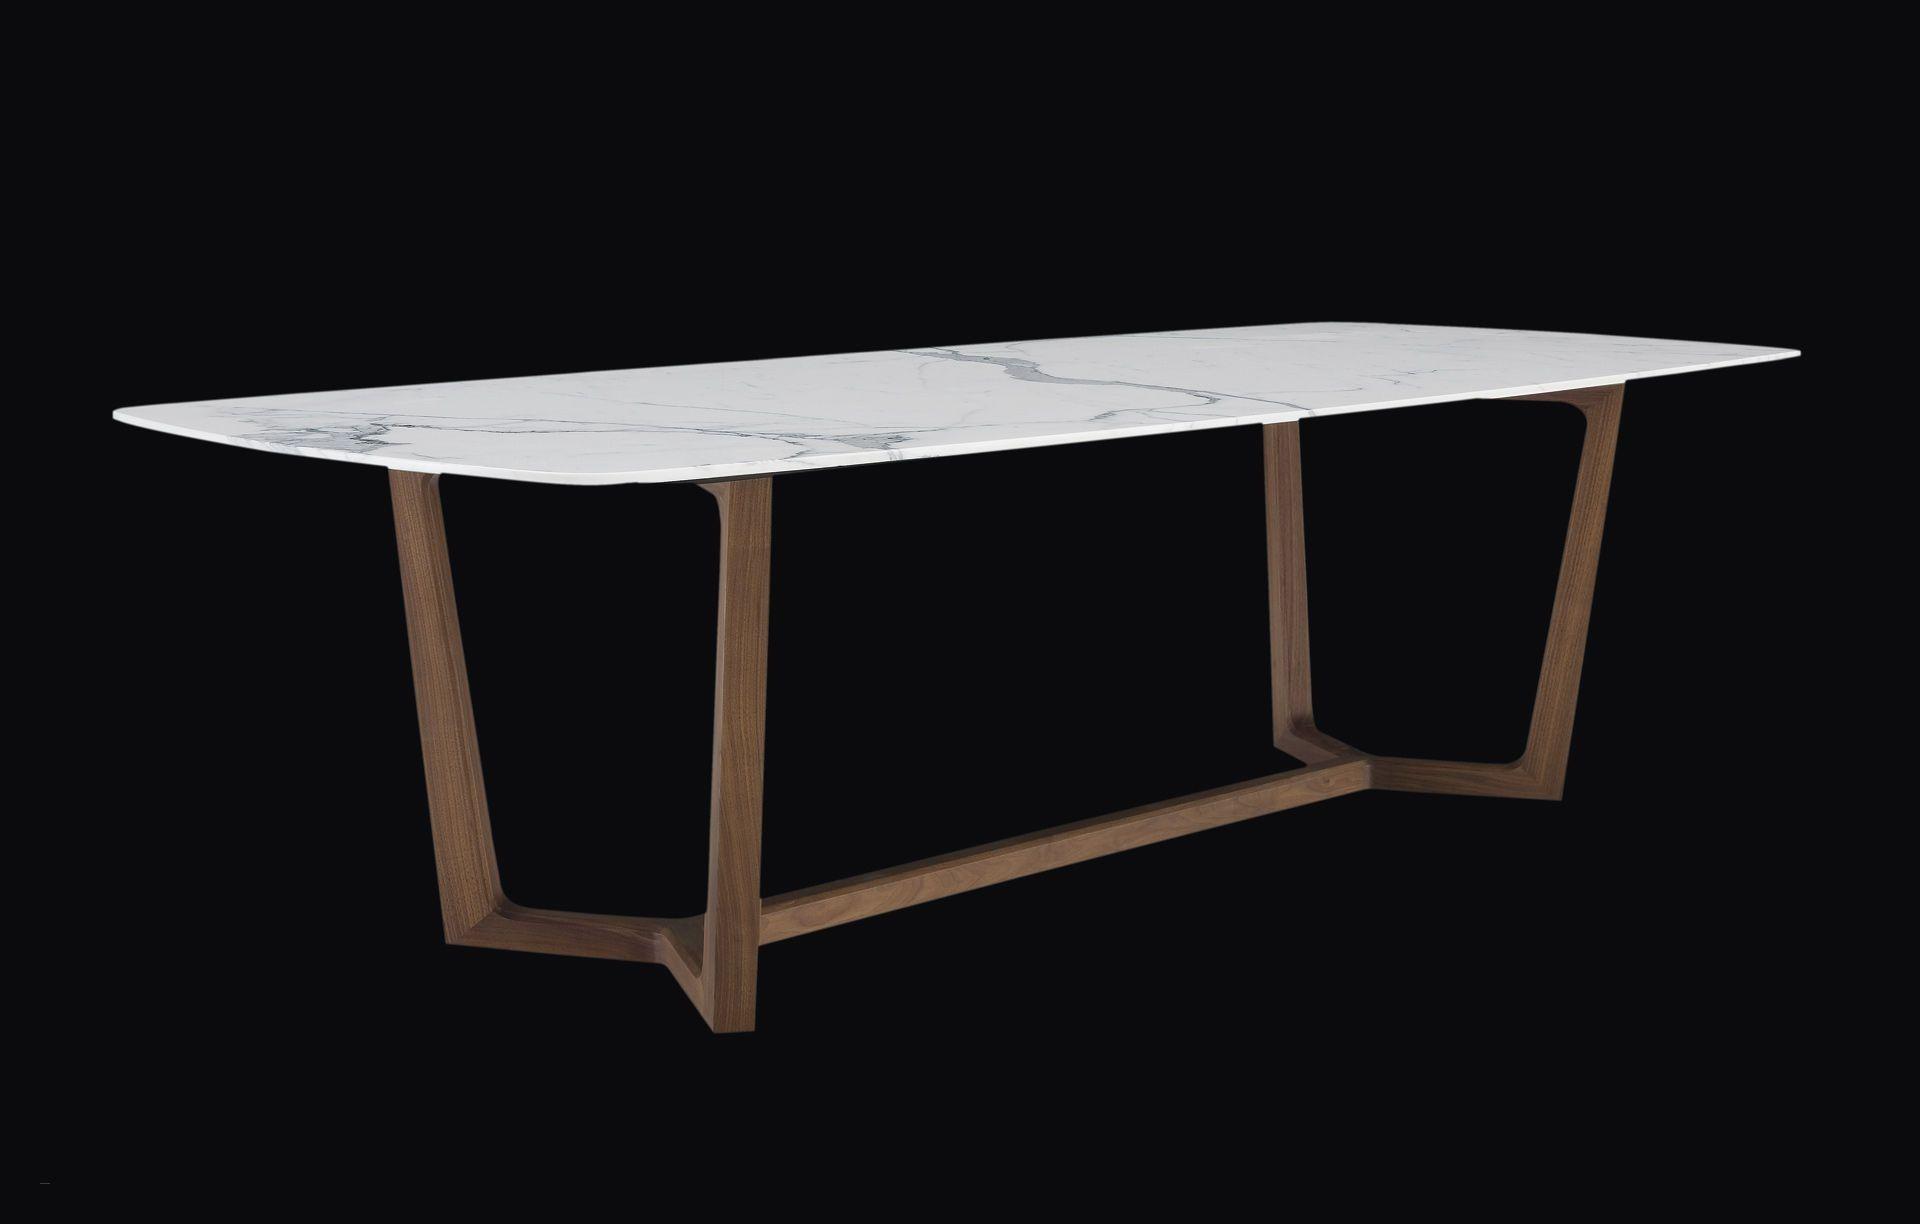 Trestle Table Base Elegant Cool Stylish White Marble Top Dining